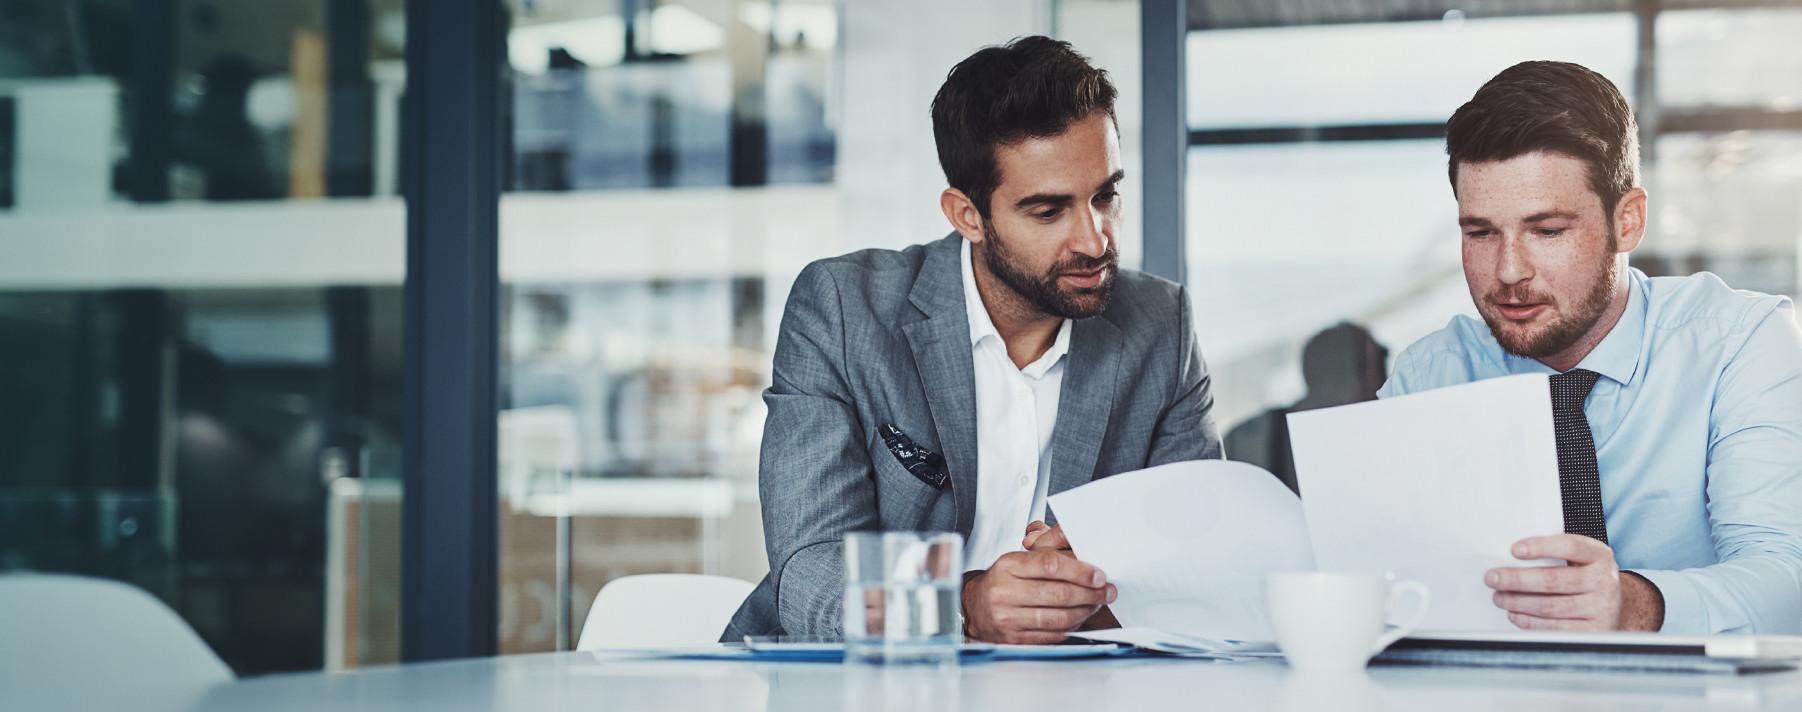 6 claves para armar un portafolio dinámico de inversión